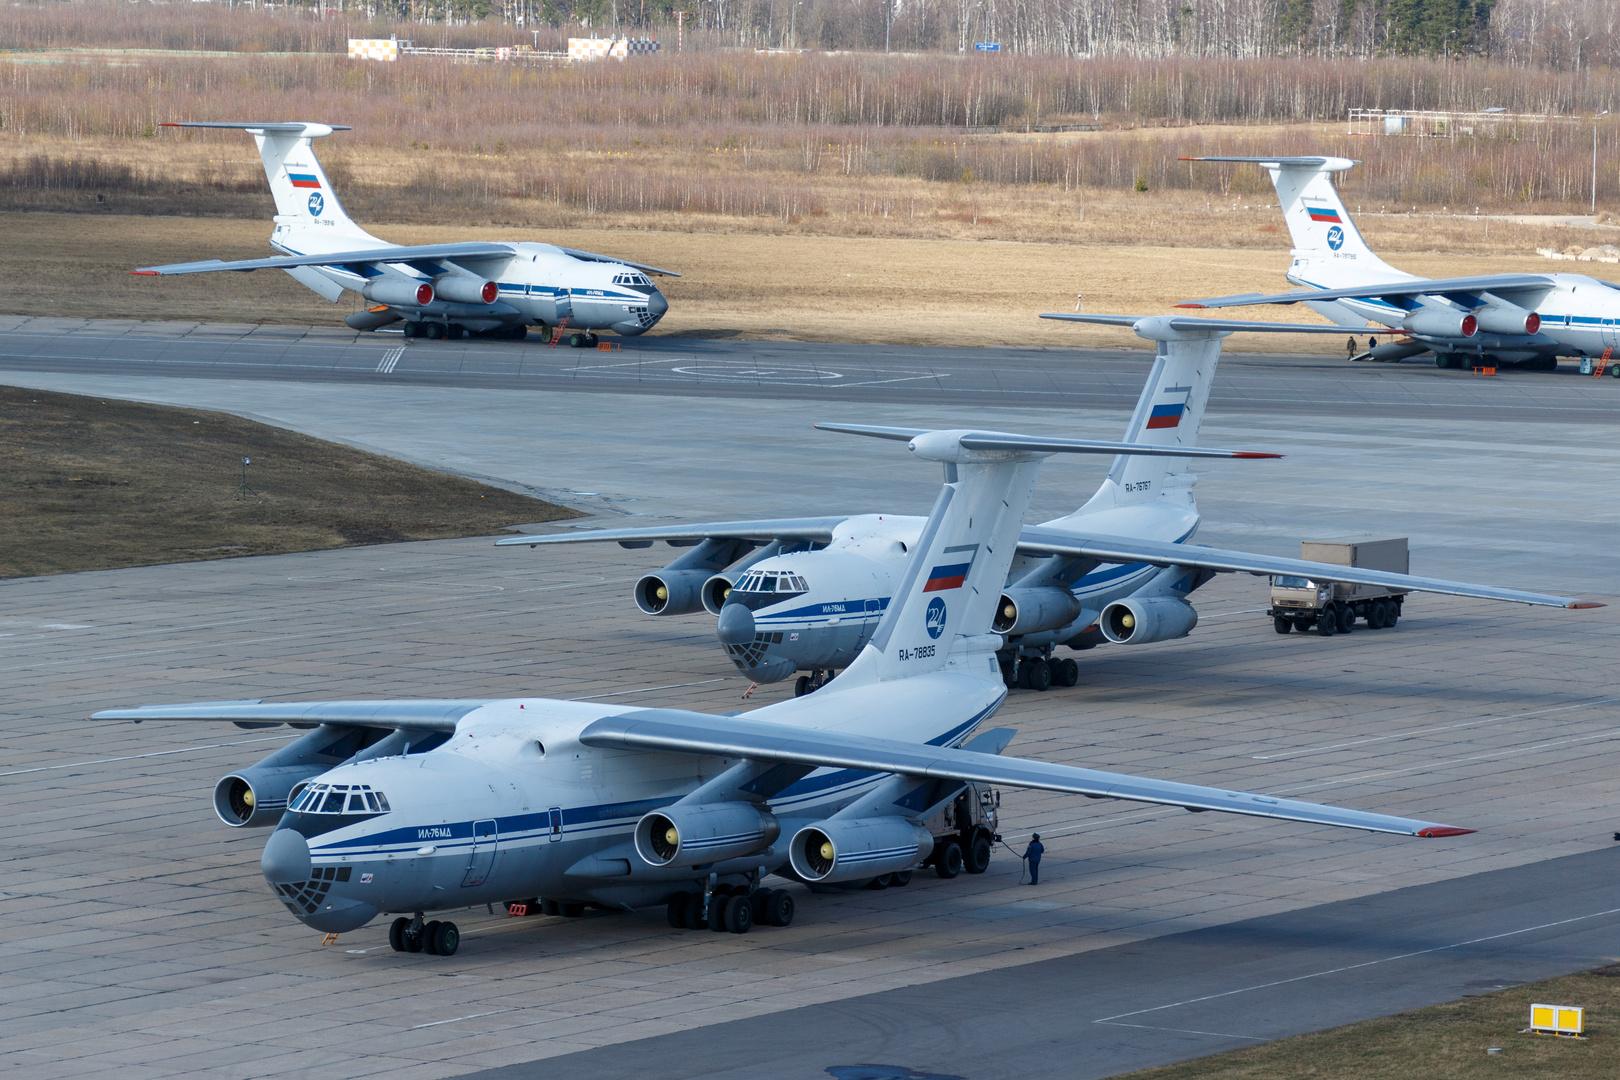 الكرملين: موسكو لا تنتظر رفع العقوبات المفروضة على روسيا مقابل تقديم المساعدات إلى إيطاليا